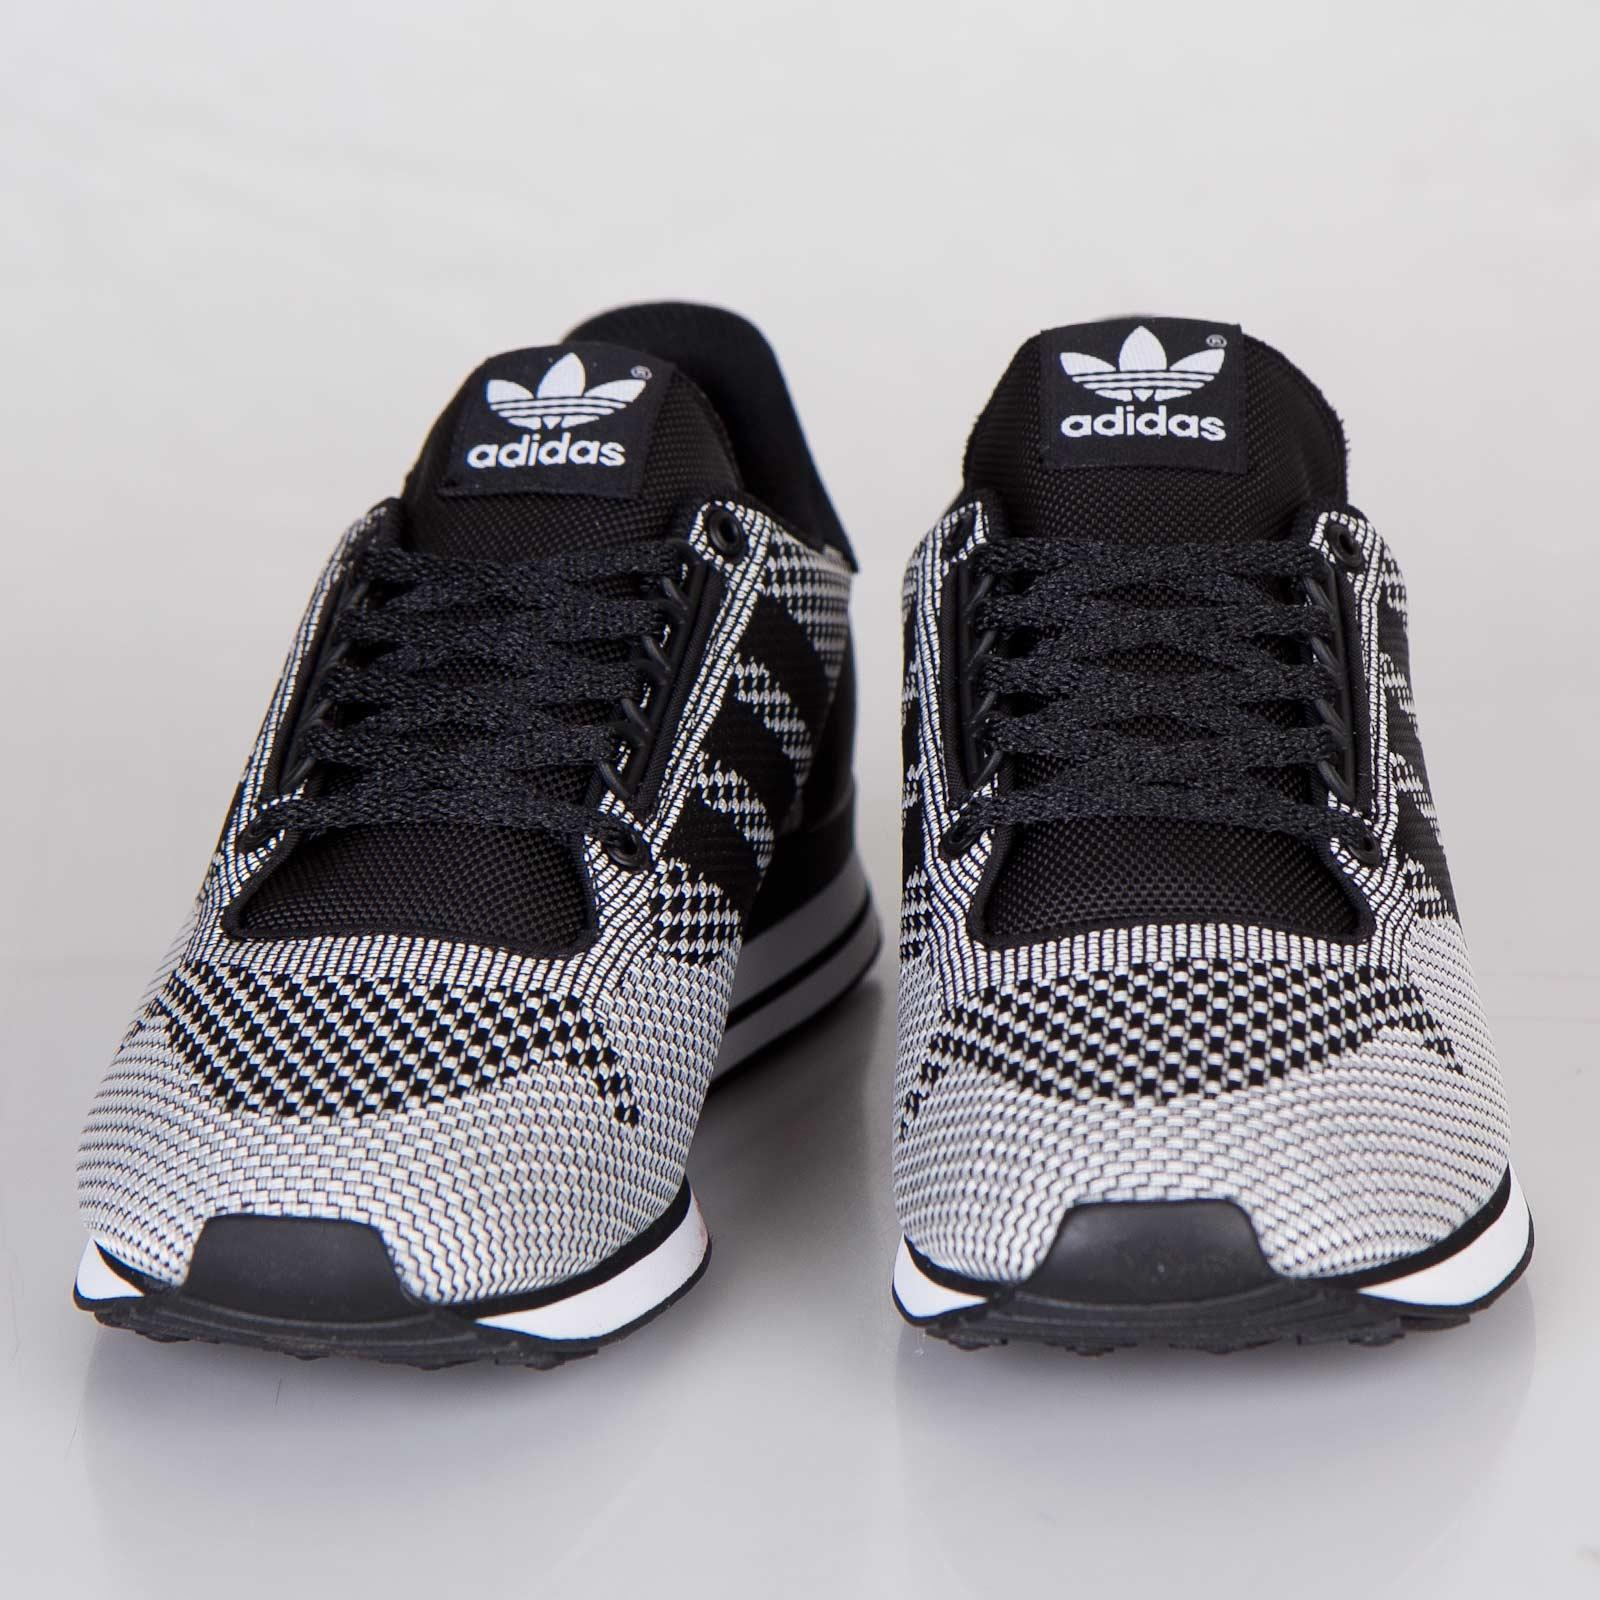 adidas zx og weave